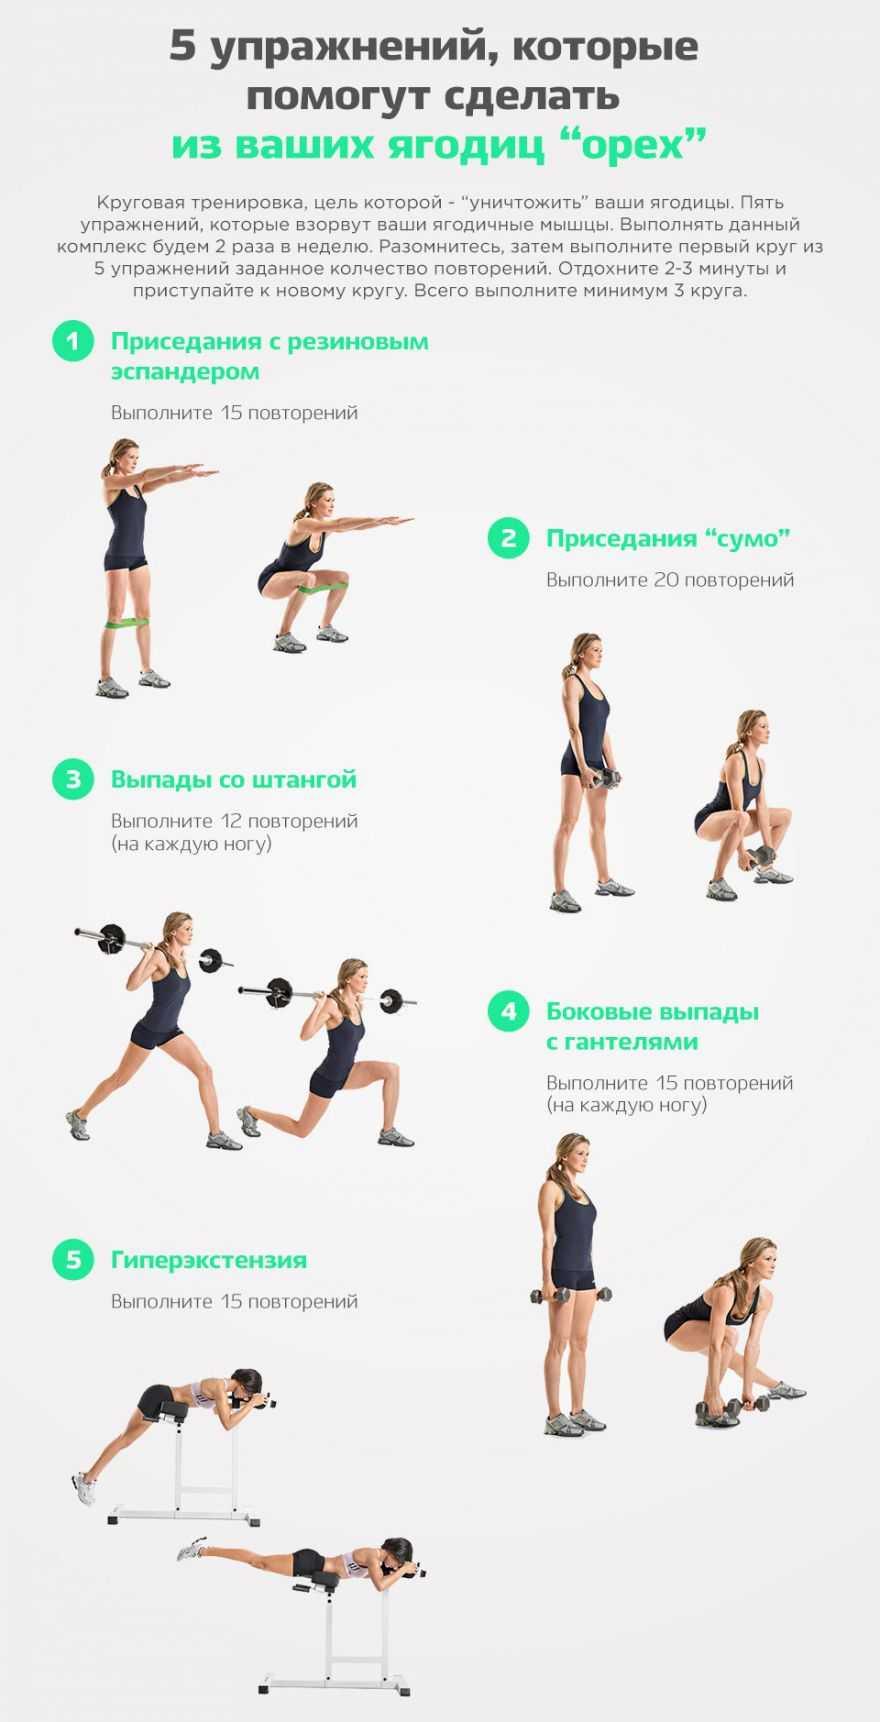 Подборка из 10 упражнений на ягодицы для начинающих с гифками, которые сделают ягодицы круглыми, фигуру спортивной и подтянутой, а мышцы упругими